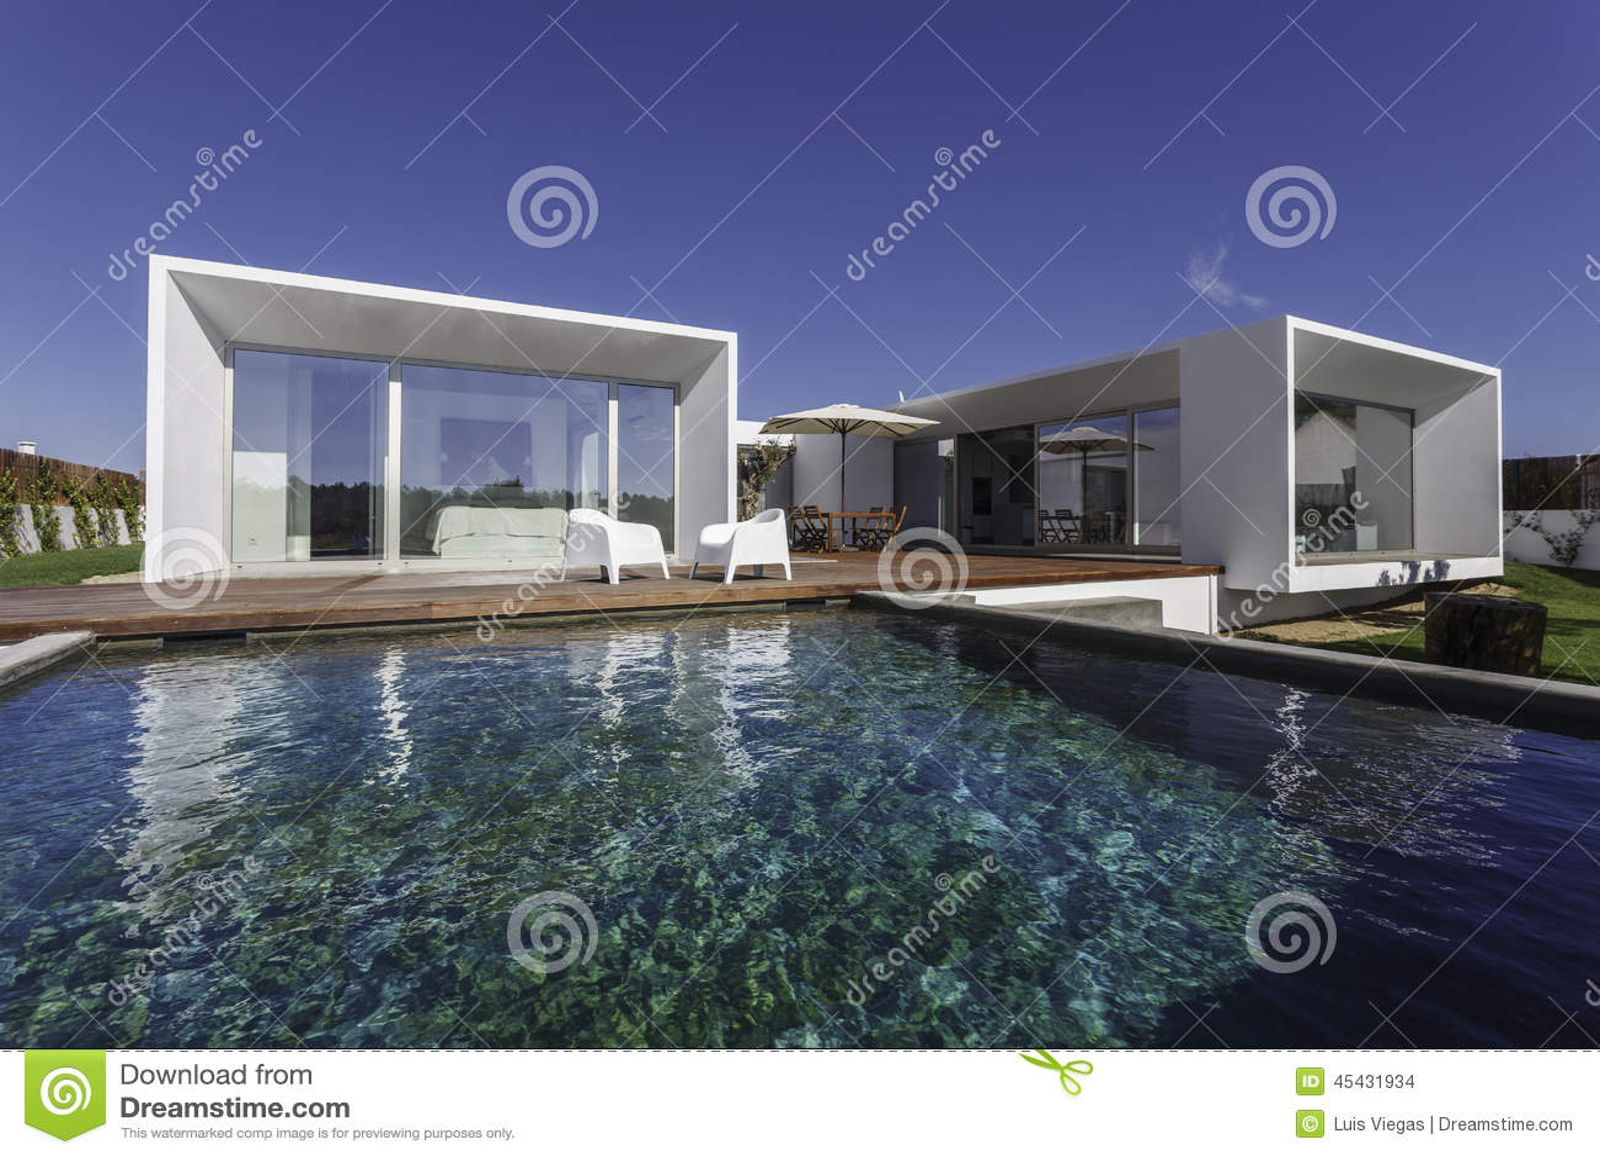 Huis met tuin zwembad en houten dek stock foto beeld 45431934 - Huis design met zwembad ...